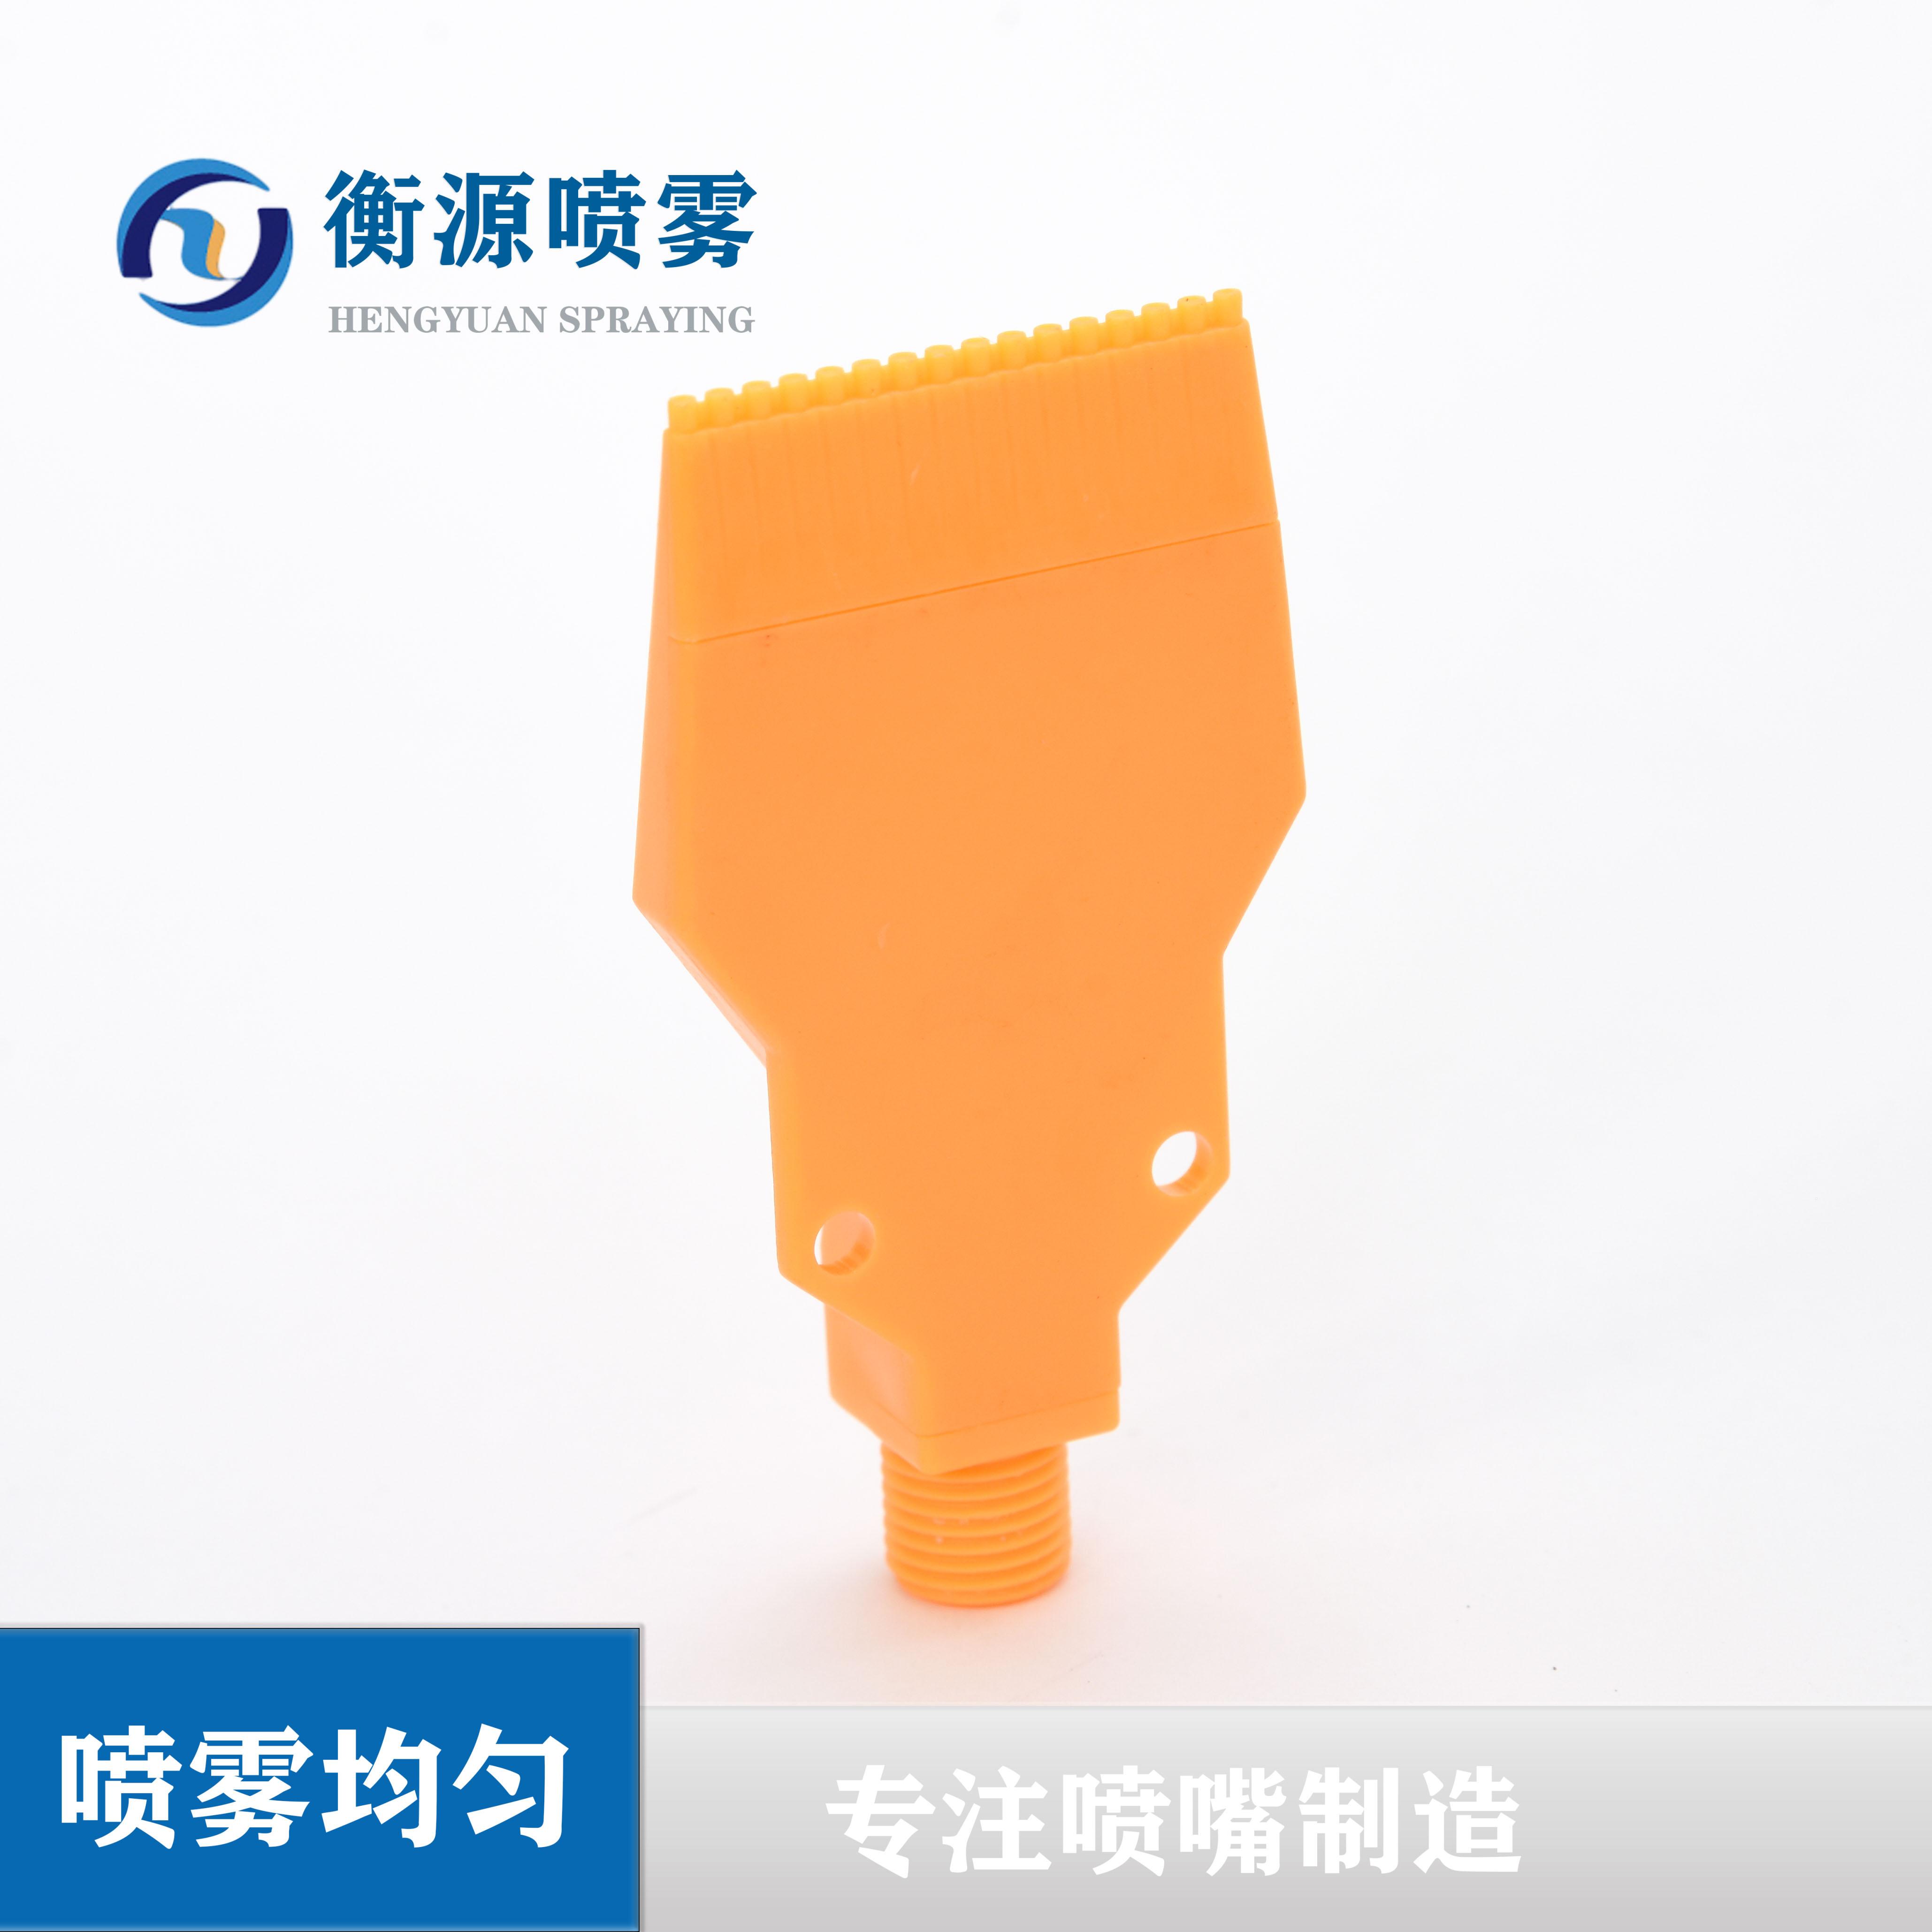 东莞喷嘴厂家-供应-全国直销 PP塑胶吹风喷嘴、ABS外接螺纹